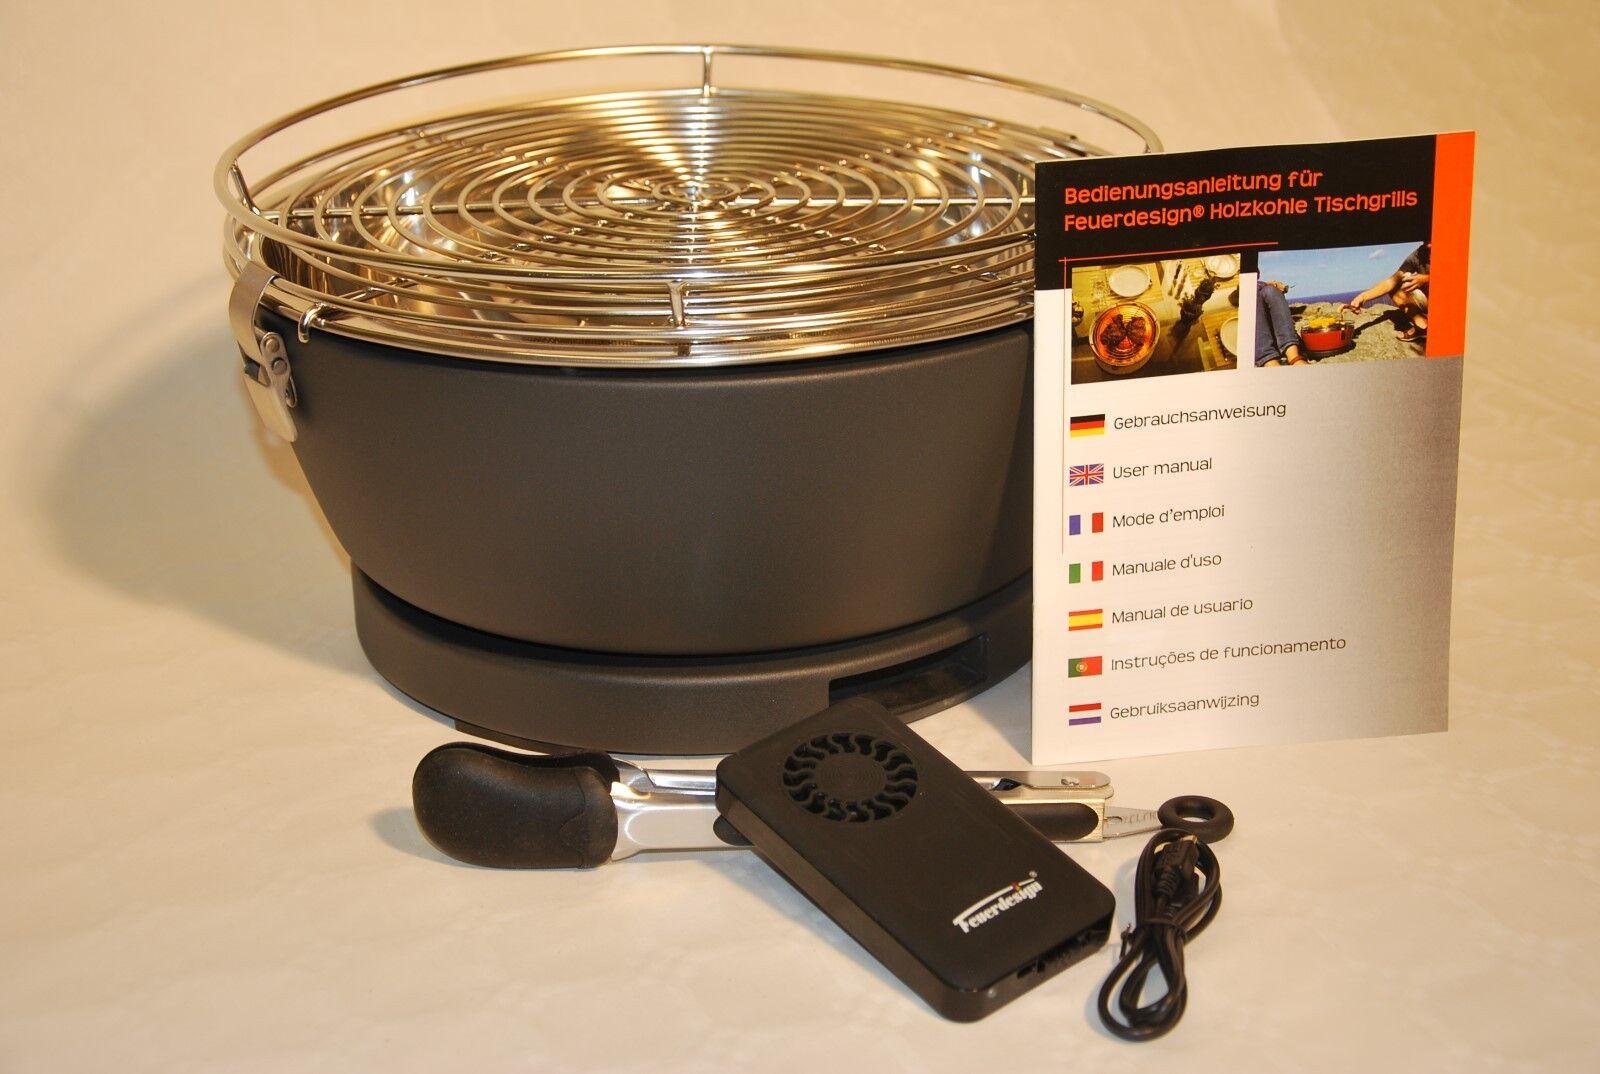 Test Holzkohlegrill Mit Elektrischer Belüftung : Holzkohlegrill mit aktivbelüftung geräte lecker